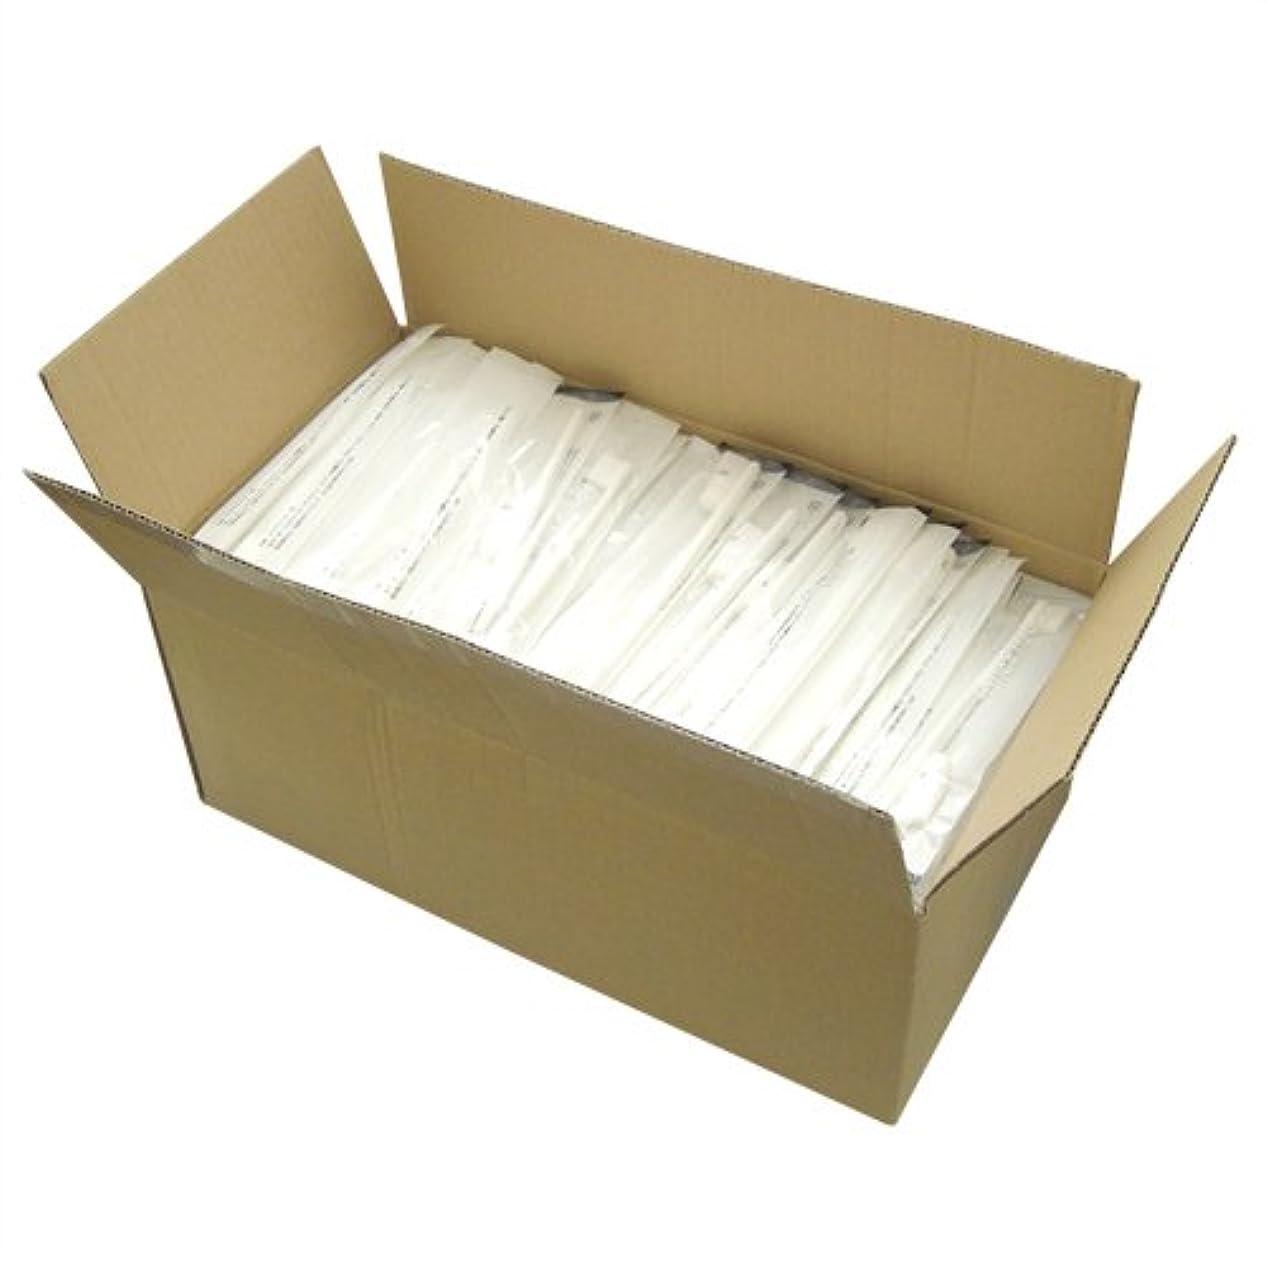 気性ウォーターフロント苦しめる業務用 使い捨て歯ブラシ チューブ歯磨き粉(3g)付き ホワイト 250本(1ケース)セット│ホテルアメニティ 個包装タイプ